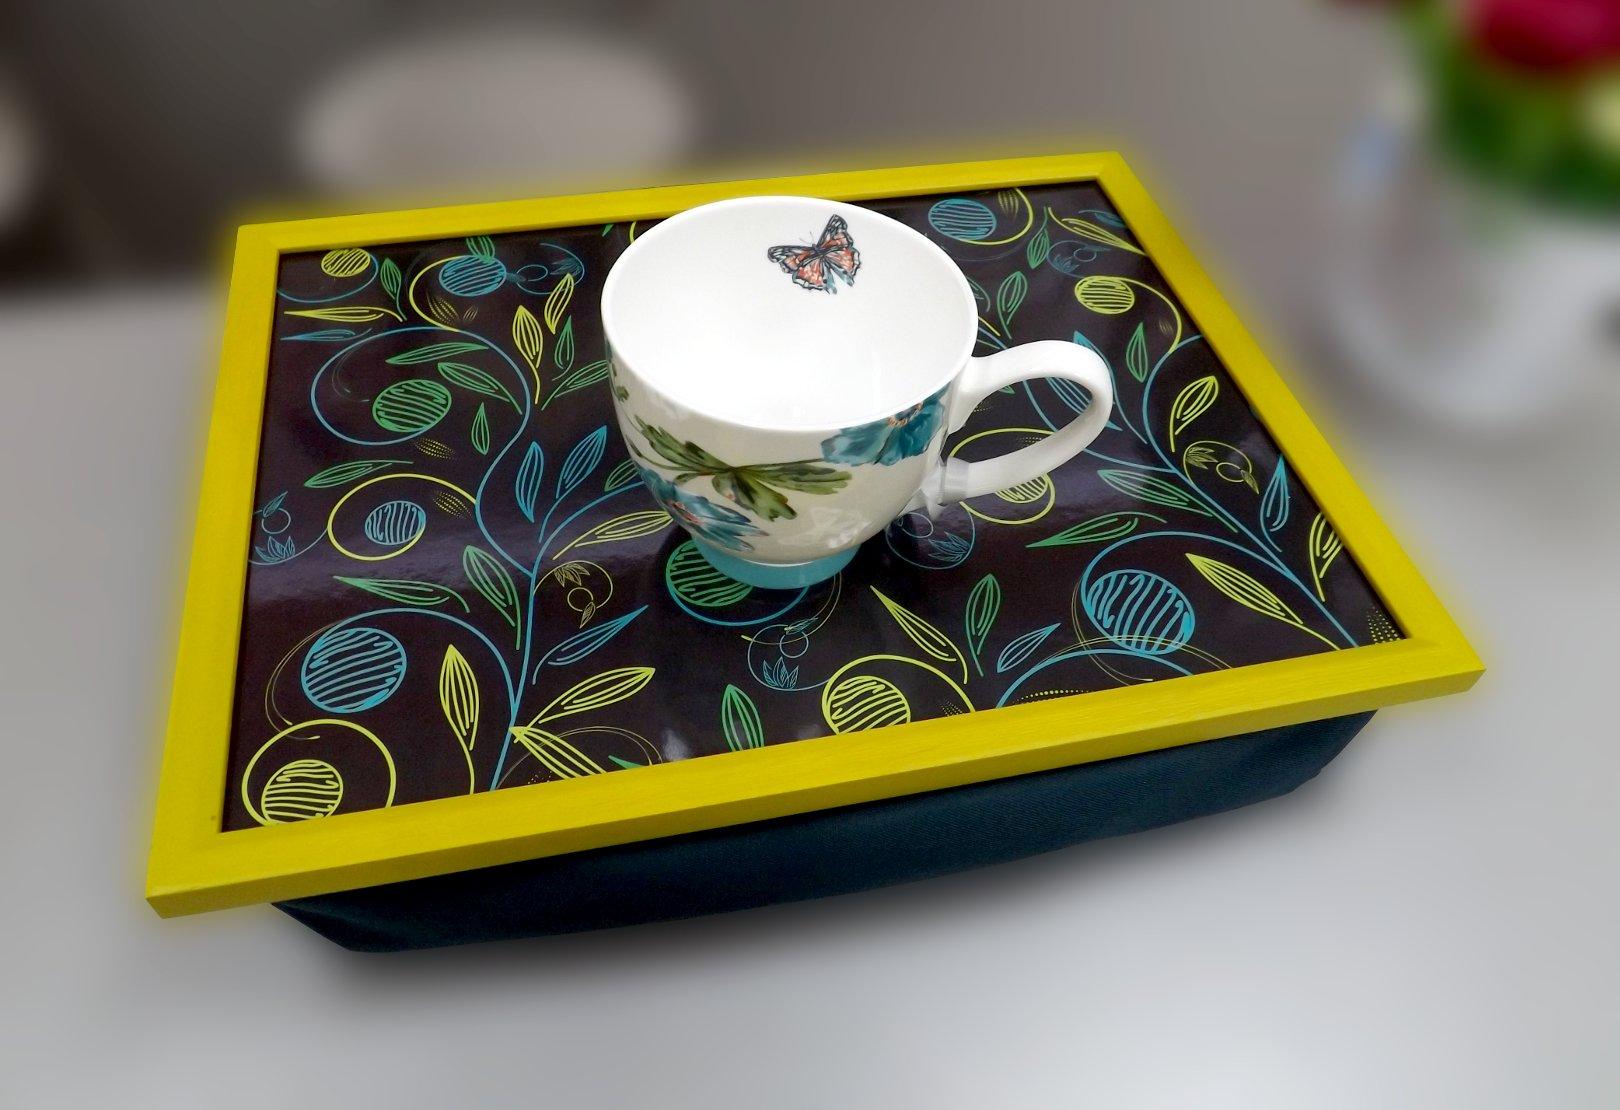 Обратная сторона подноса на подушке со стилизованным изображением растений и кружка из костяного фарфора из серии Поэзия & Проза от Top Art Studio